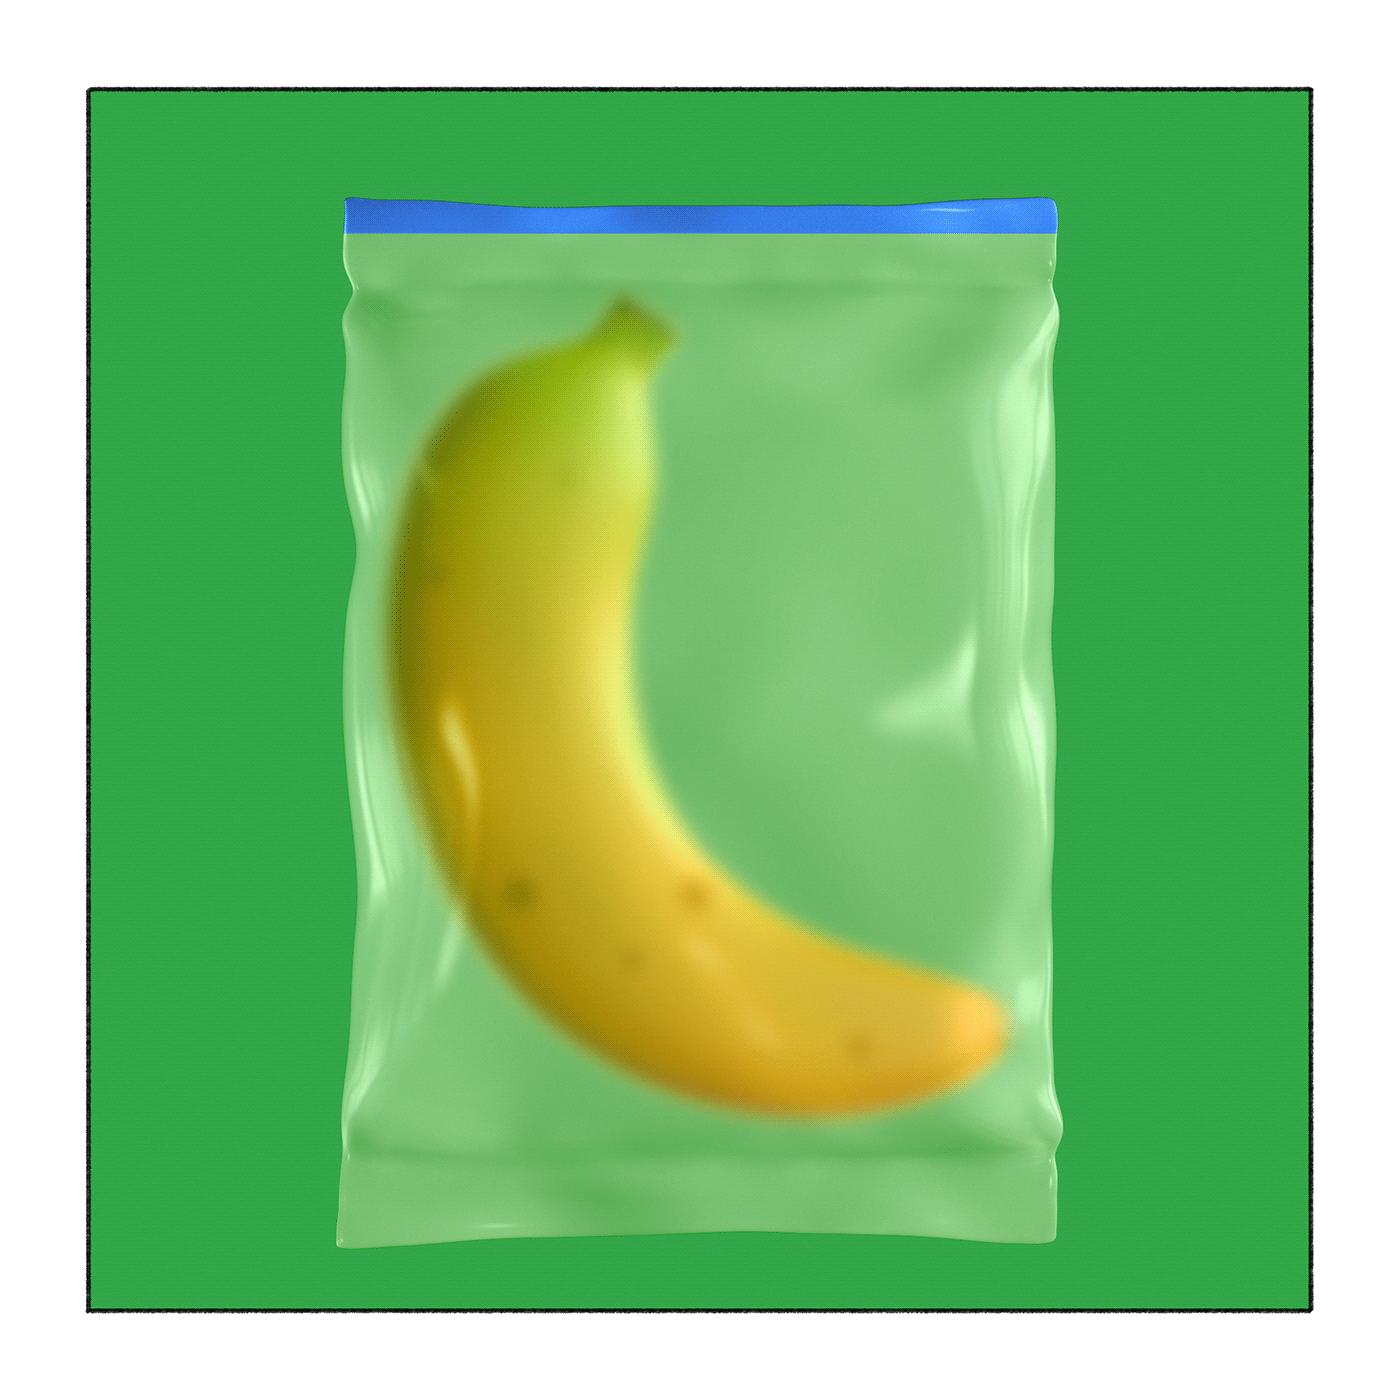 Image may contain: fruit, food and banana